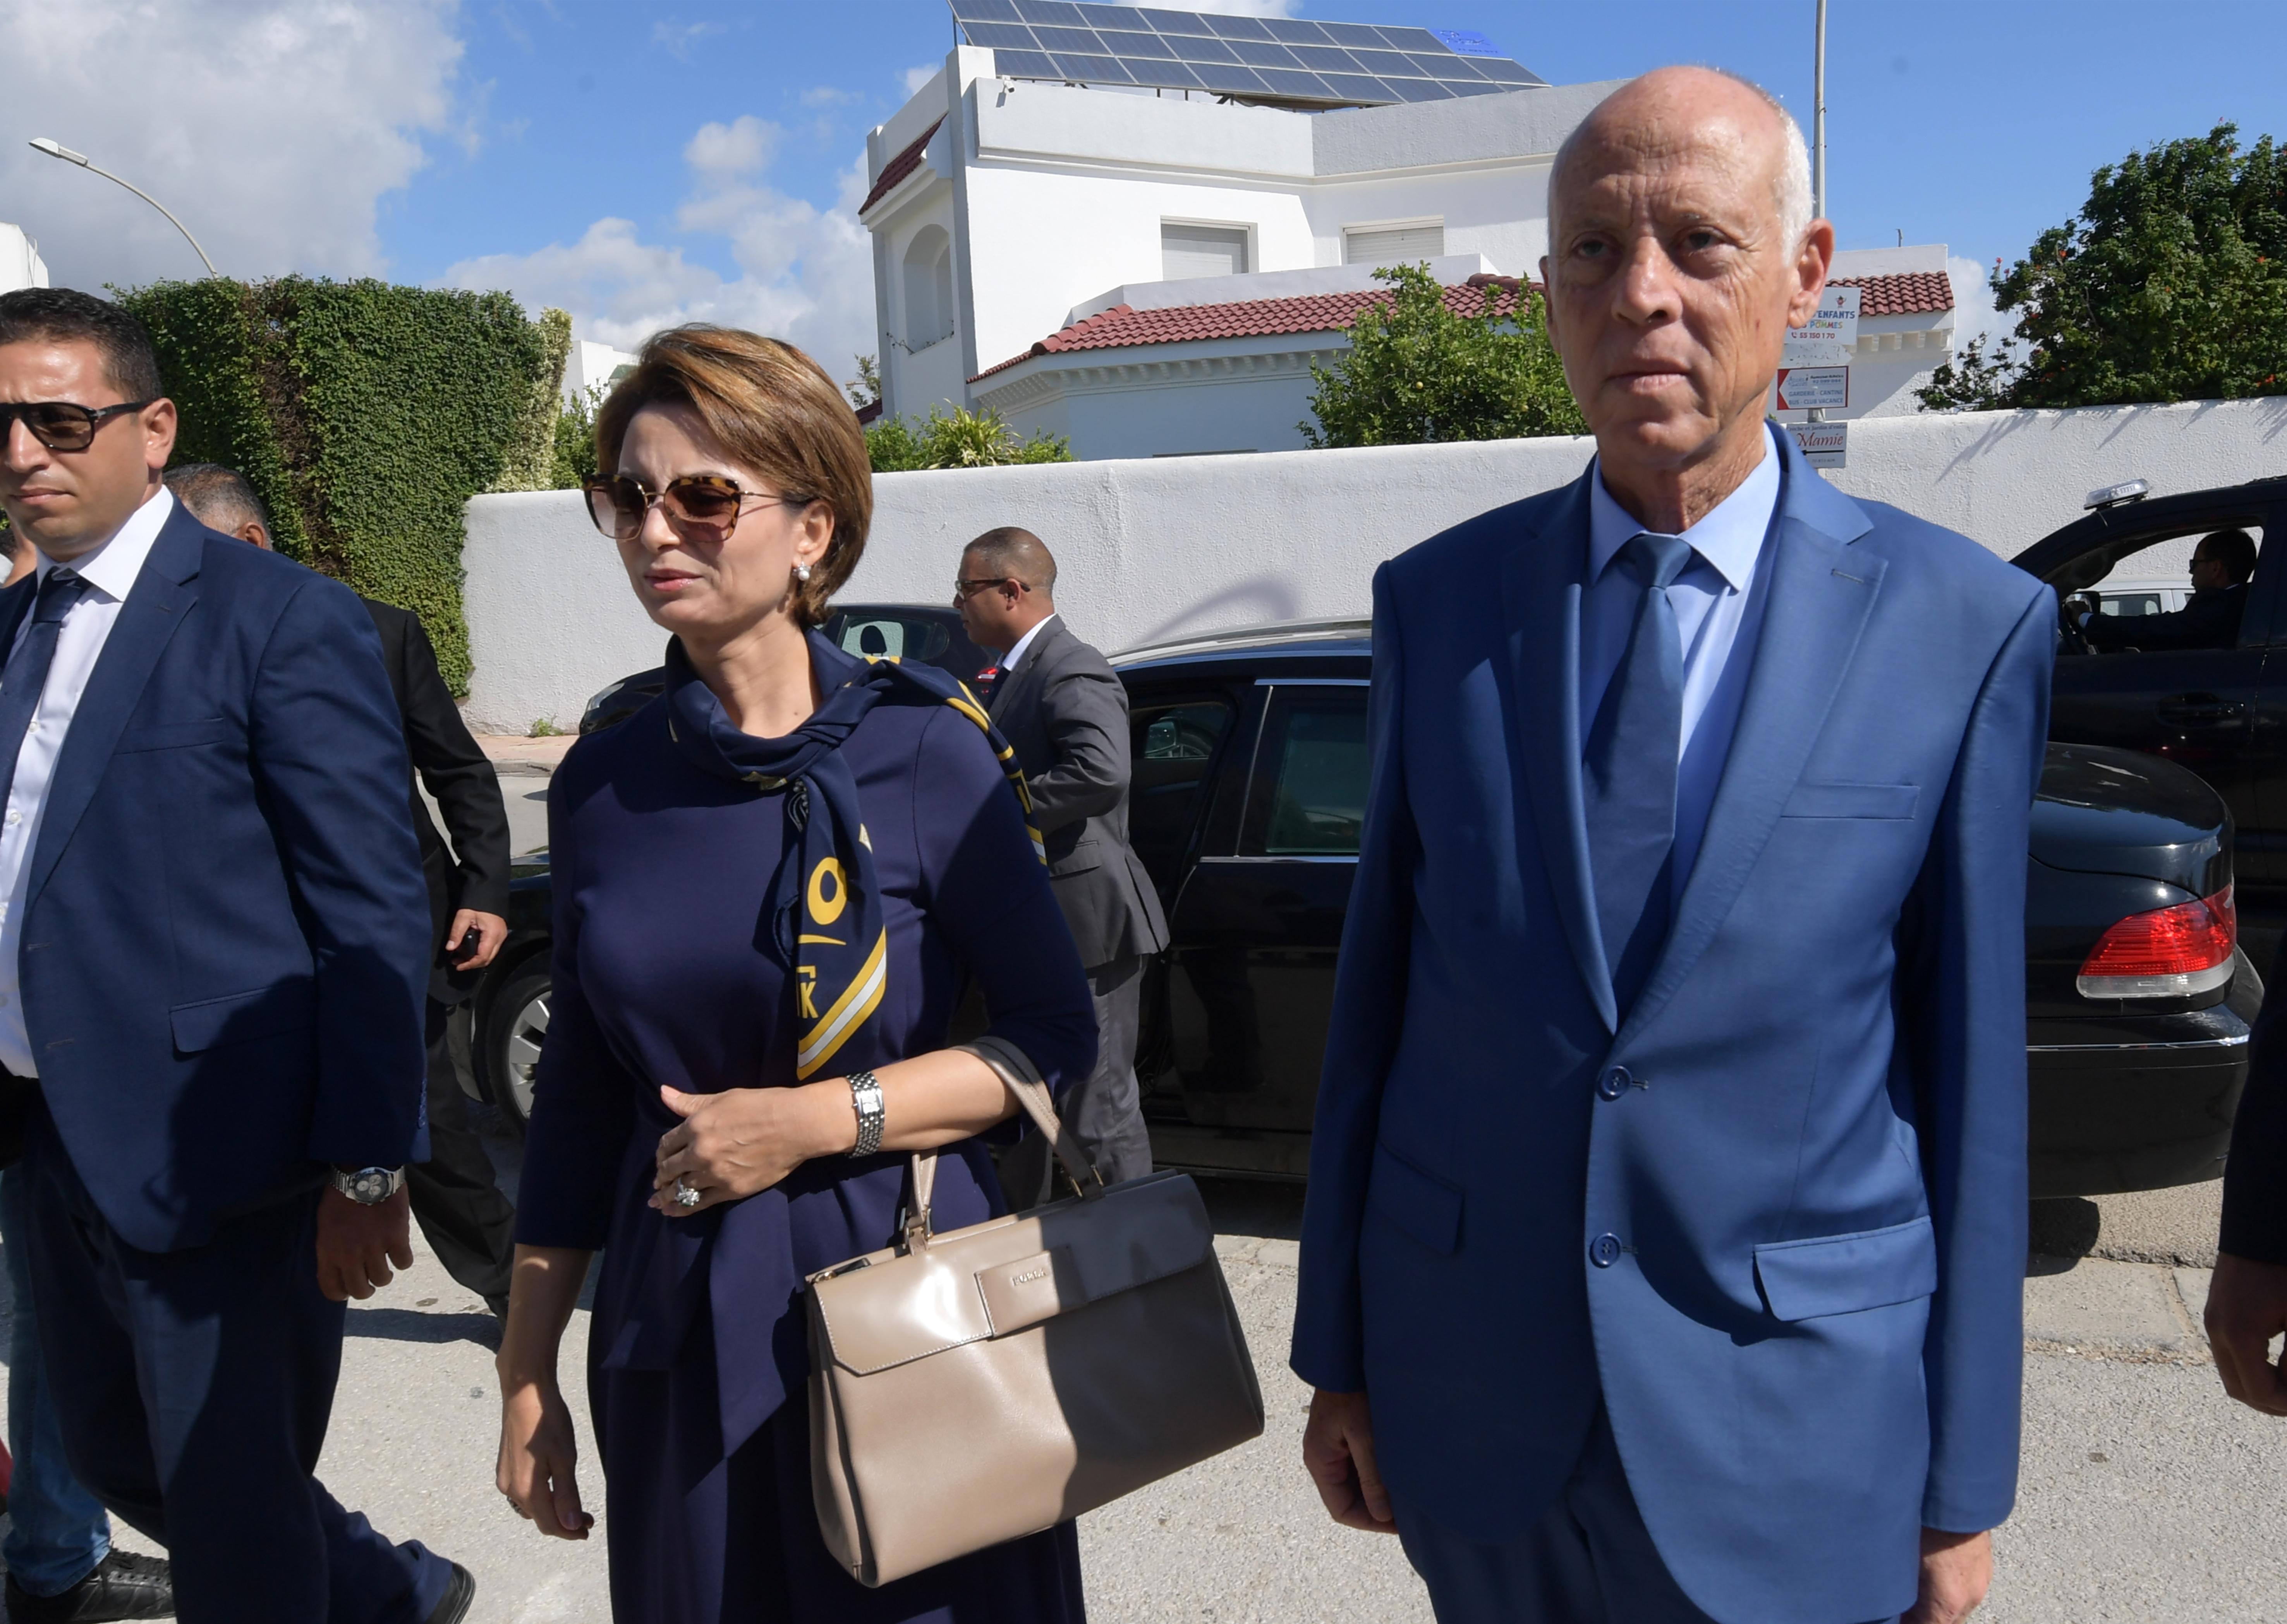 المرشح الرئاسي أستاذ القانون الدستوري وبجانبه زوجته أمام مقر لجنته الانتخابية